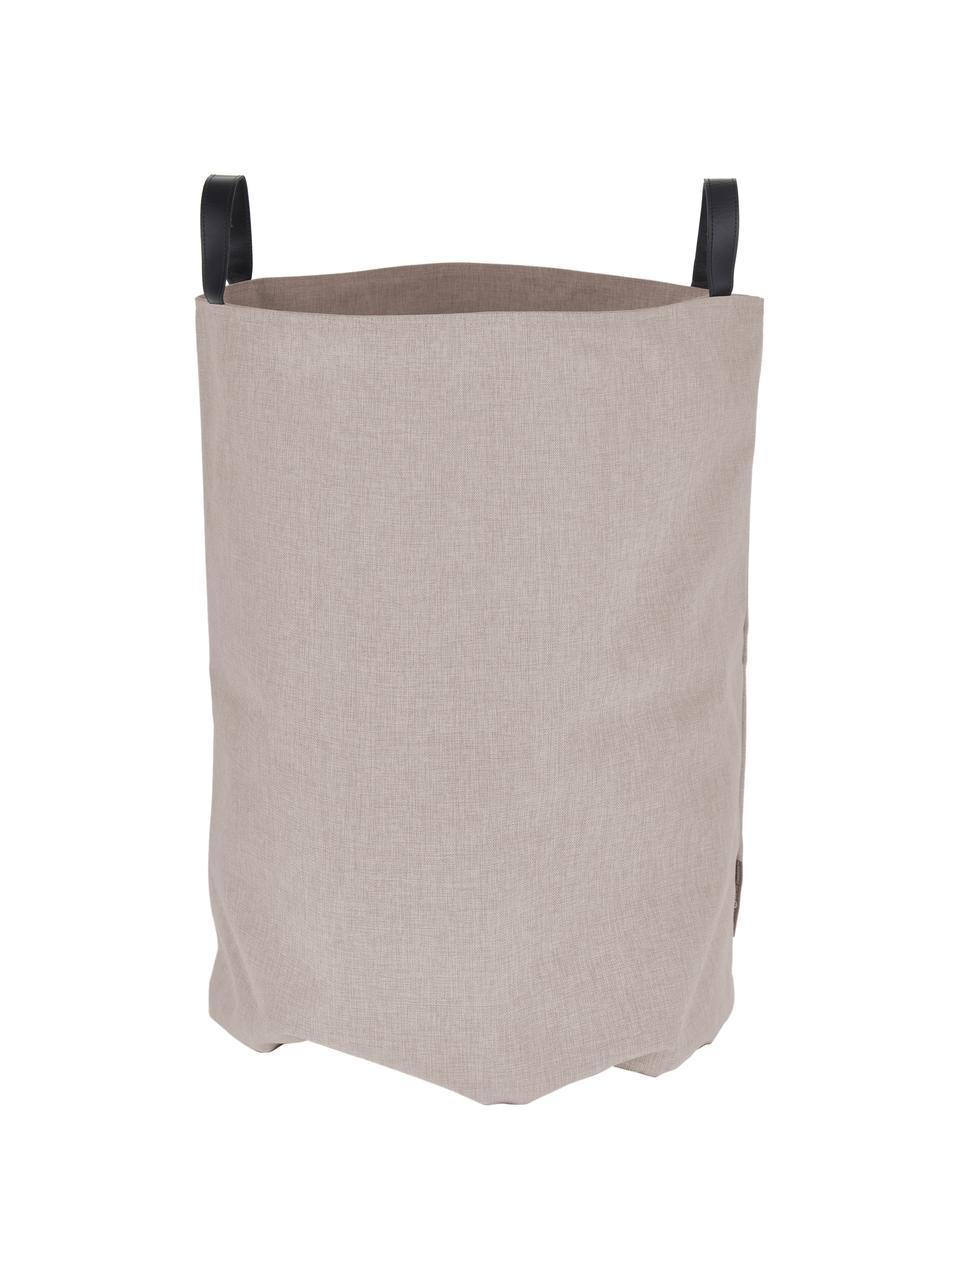 Kosz na pranie Floor, Kosz do przechowywania: beżowy Uchwyty: czarny, Ø 40 x W 55 cm